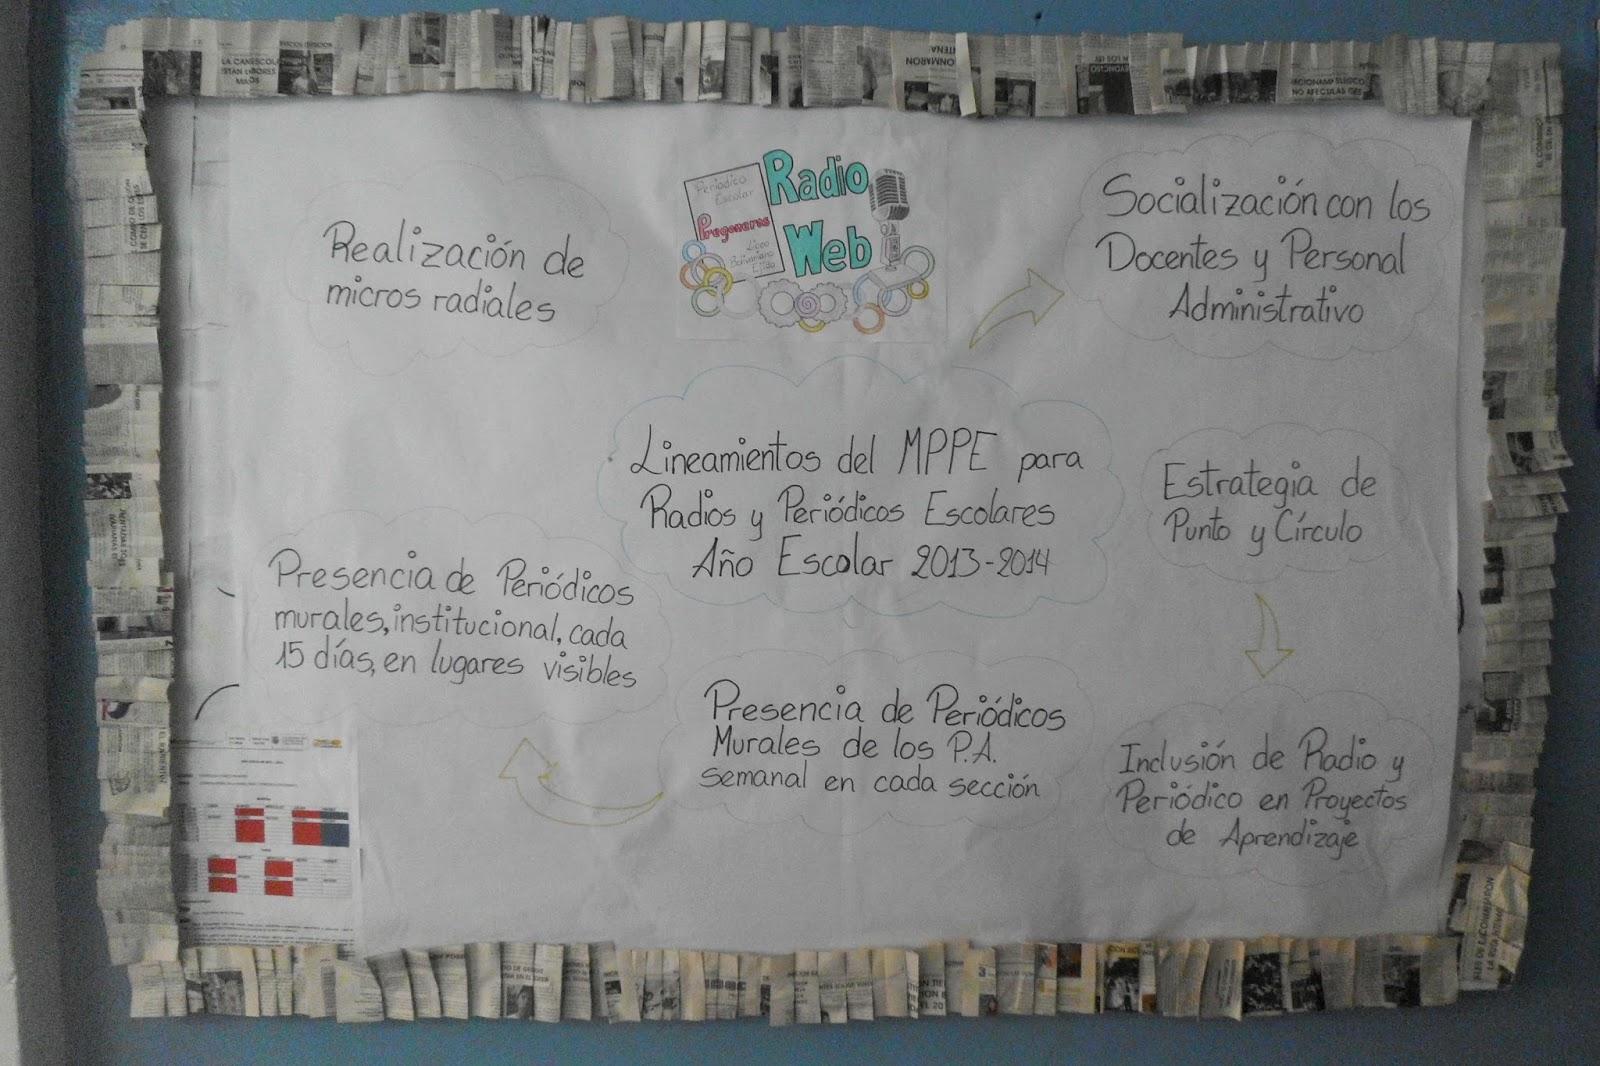 Radio web ejido tu voz tricolor ideas para compartir for Aviso ocasion mural